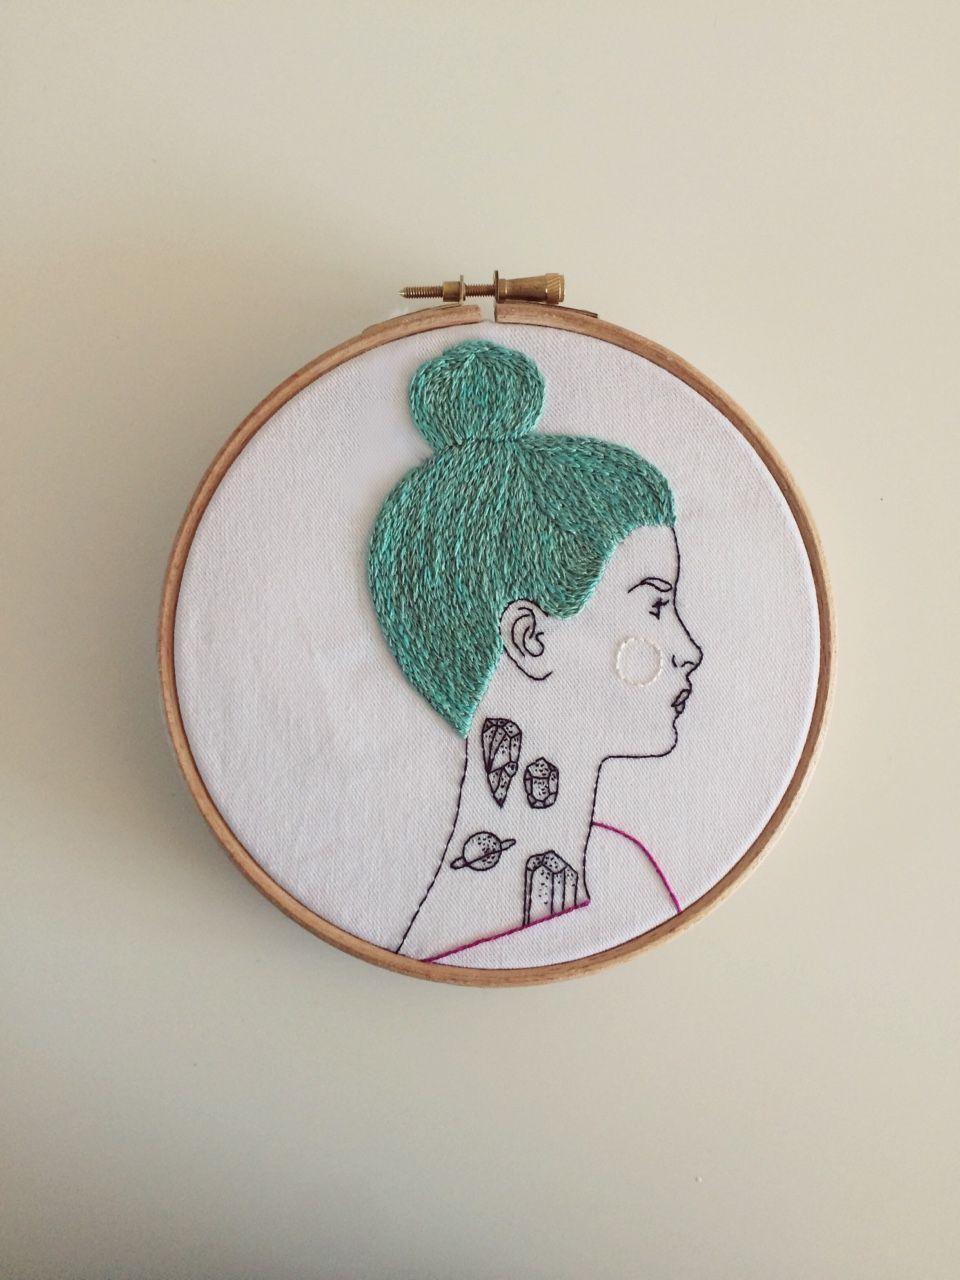 Pin de Carolina Campos en bordados   Pinterest   Bordado, Bordado ...